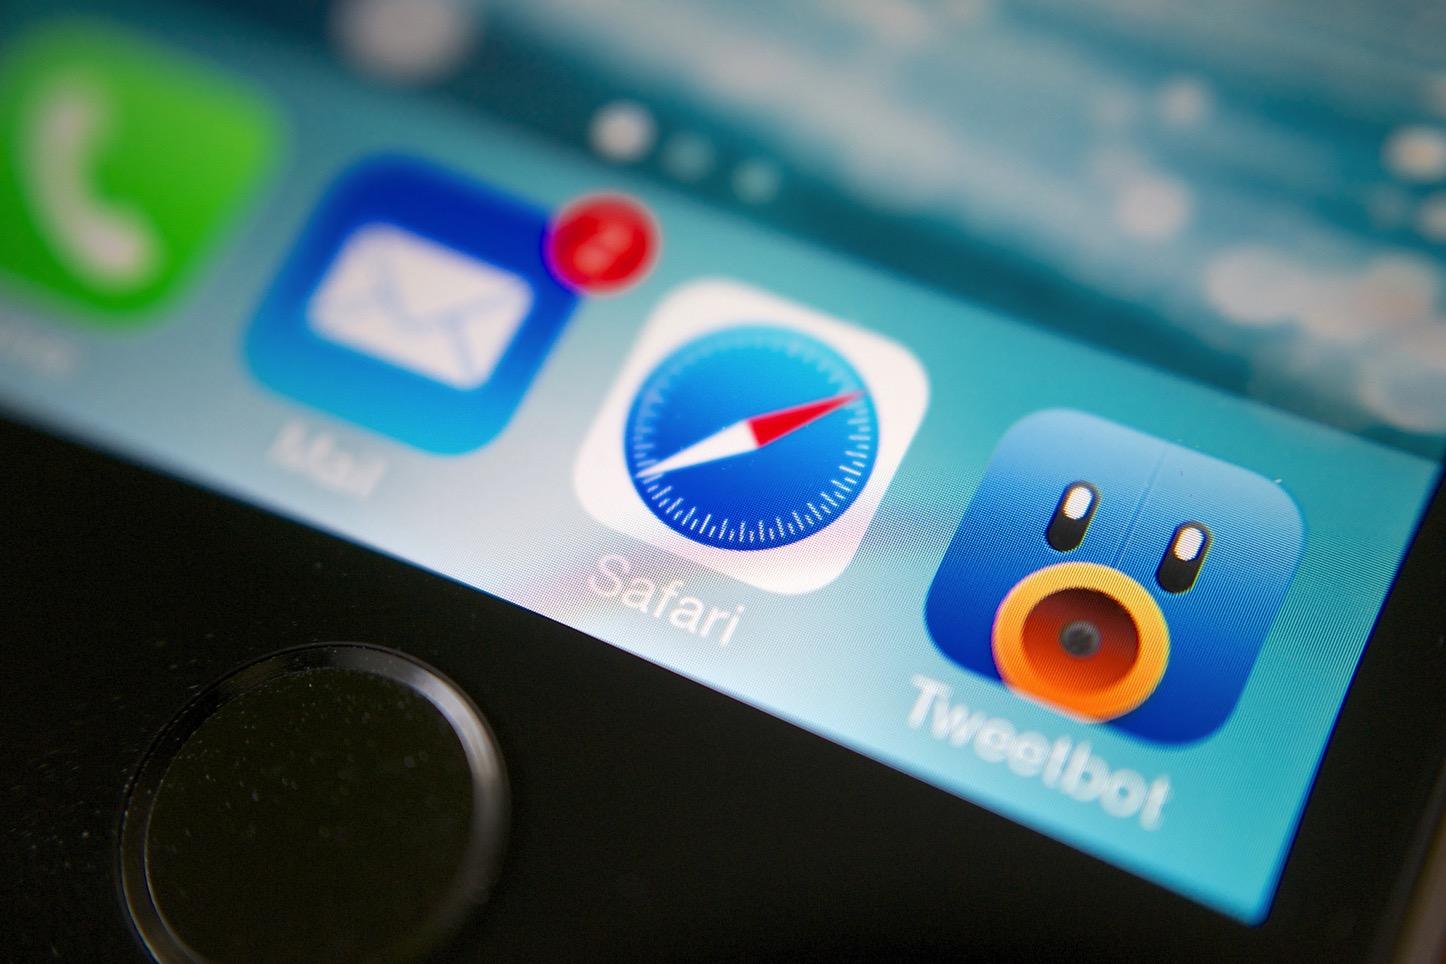 safari-for-iphone.jpg